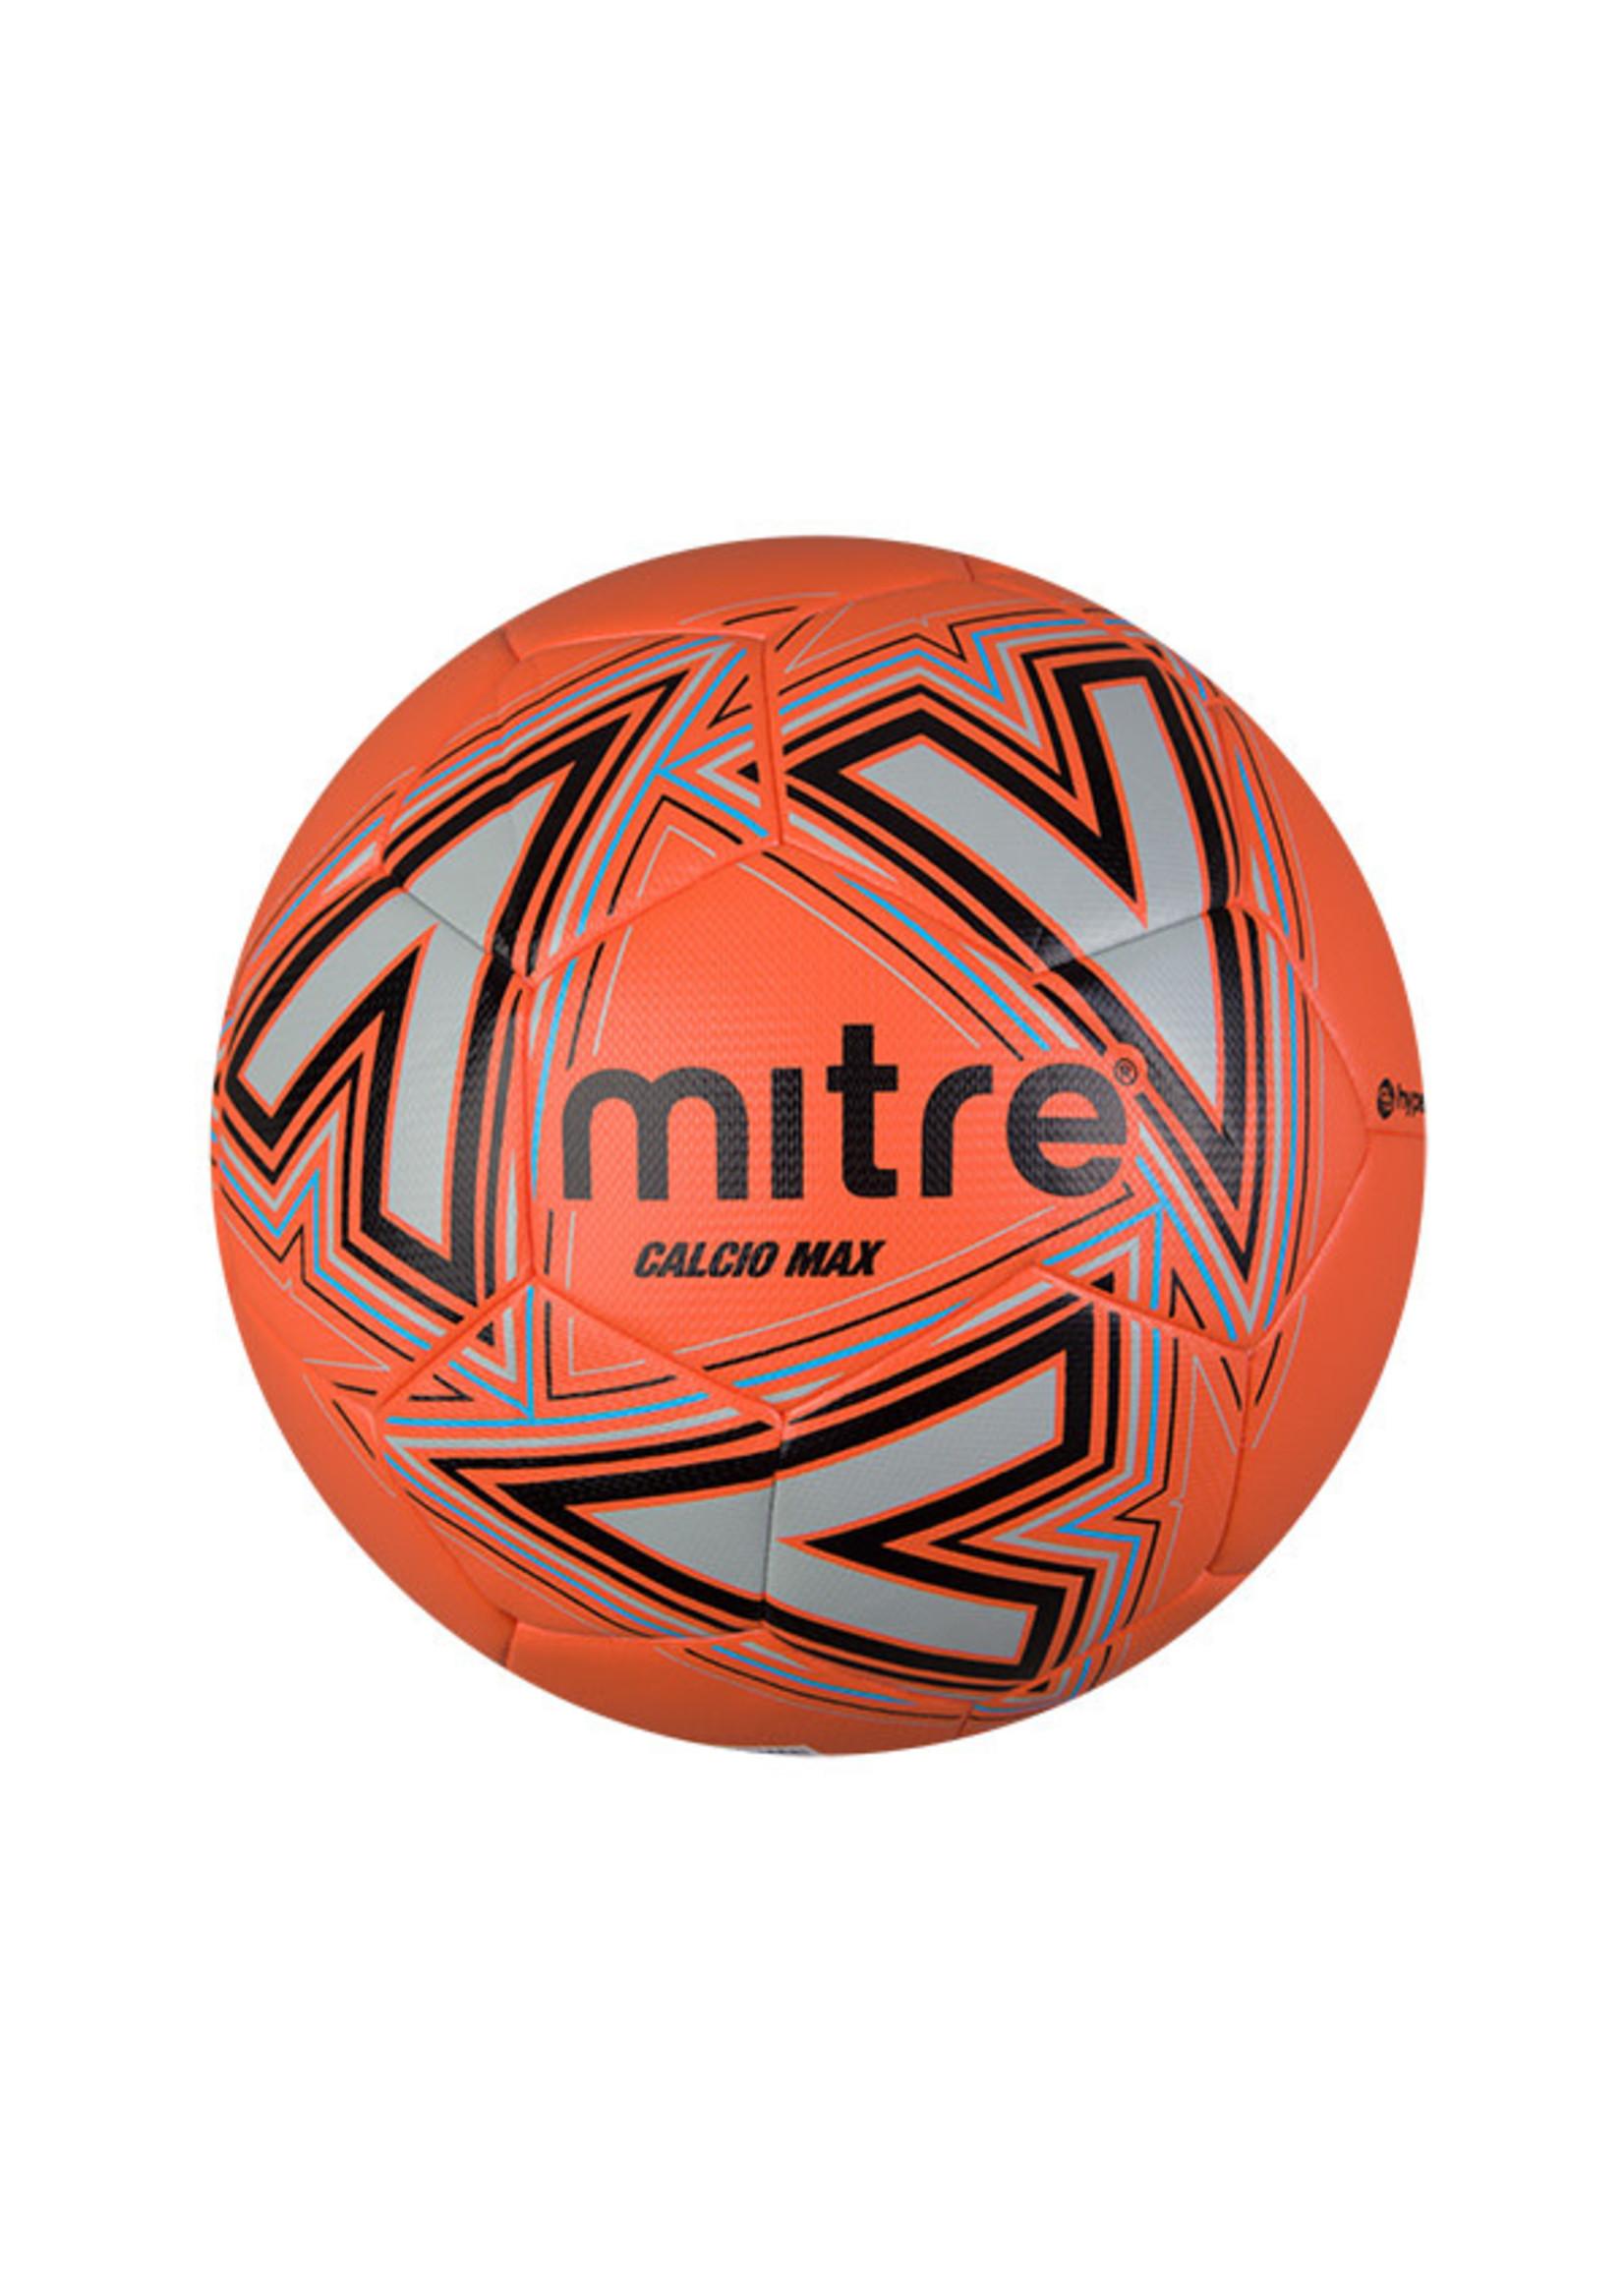 mitre Mitre Calcio Max Football, Orange/Black, Size 5